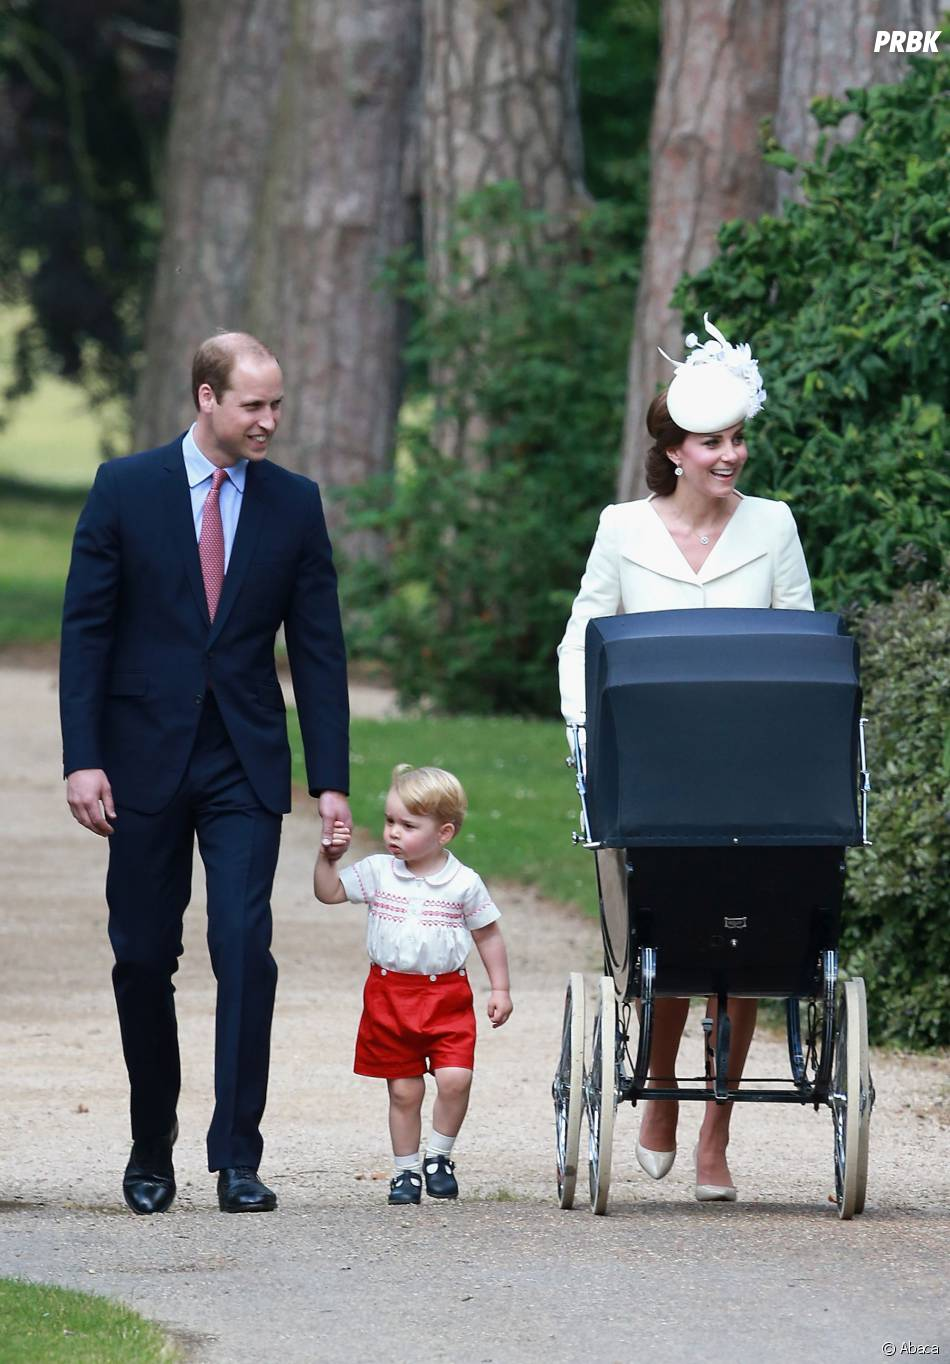 au baptême de la Princesse Charlotte, le 5 juillet 2015 en Angleterre